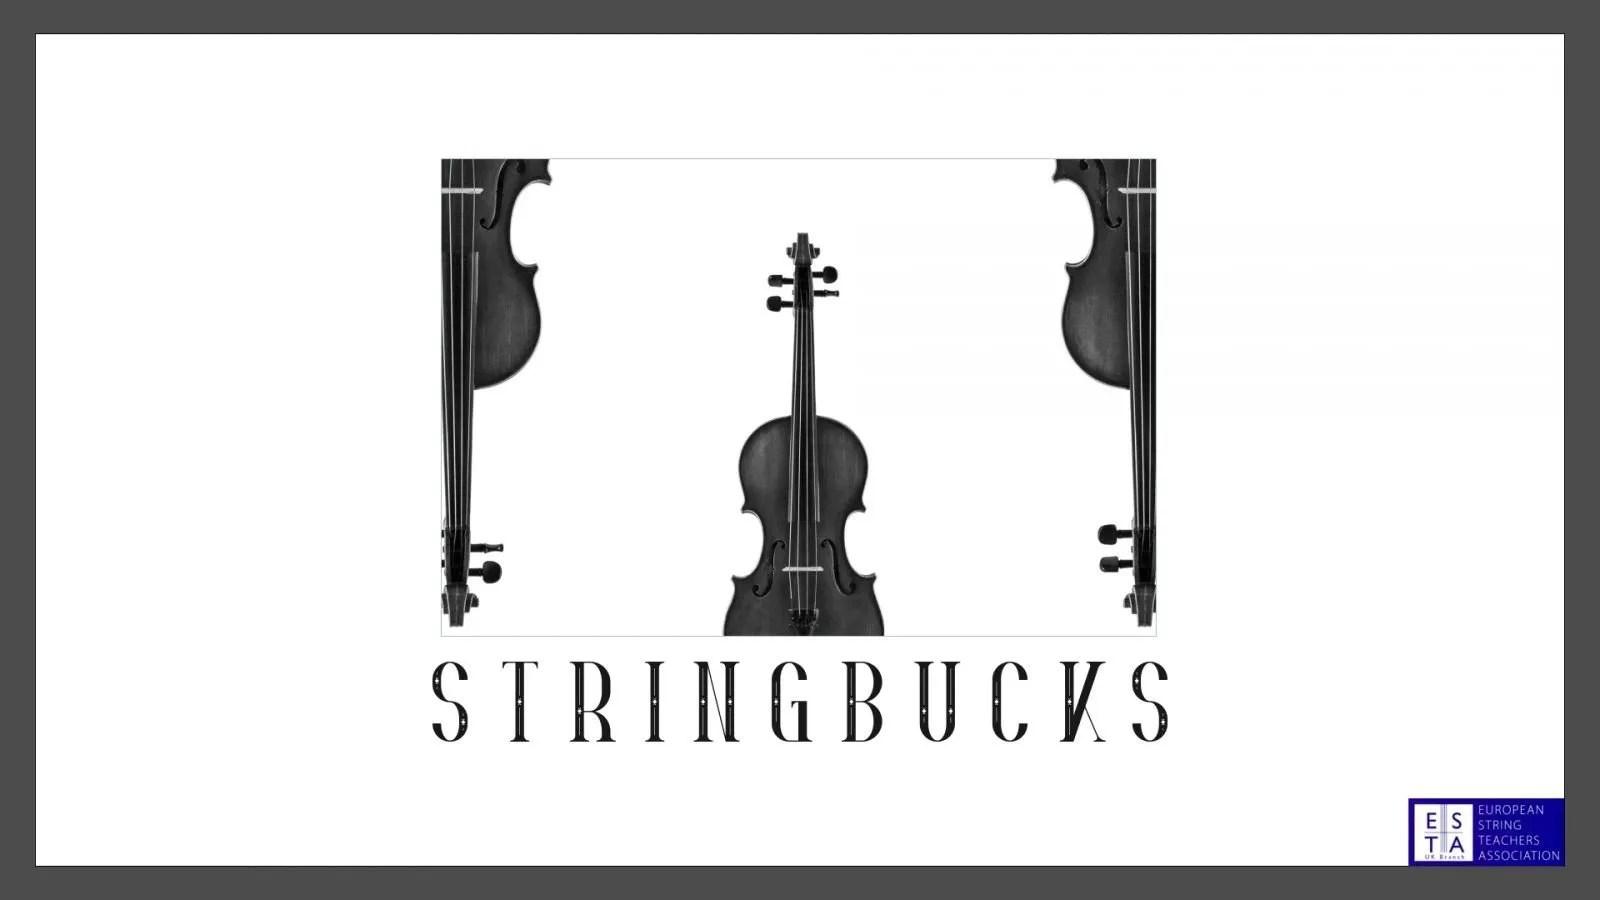 Stringbucks